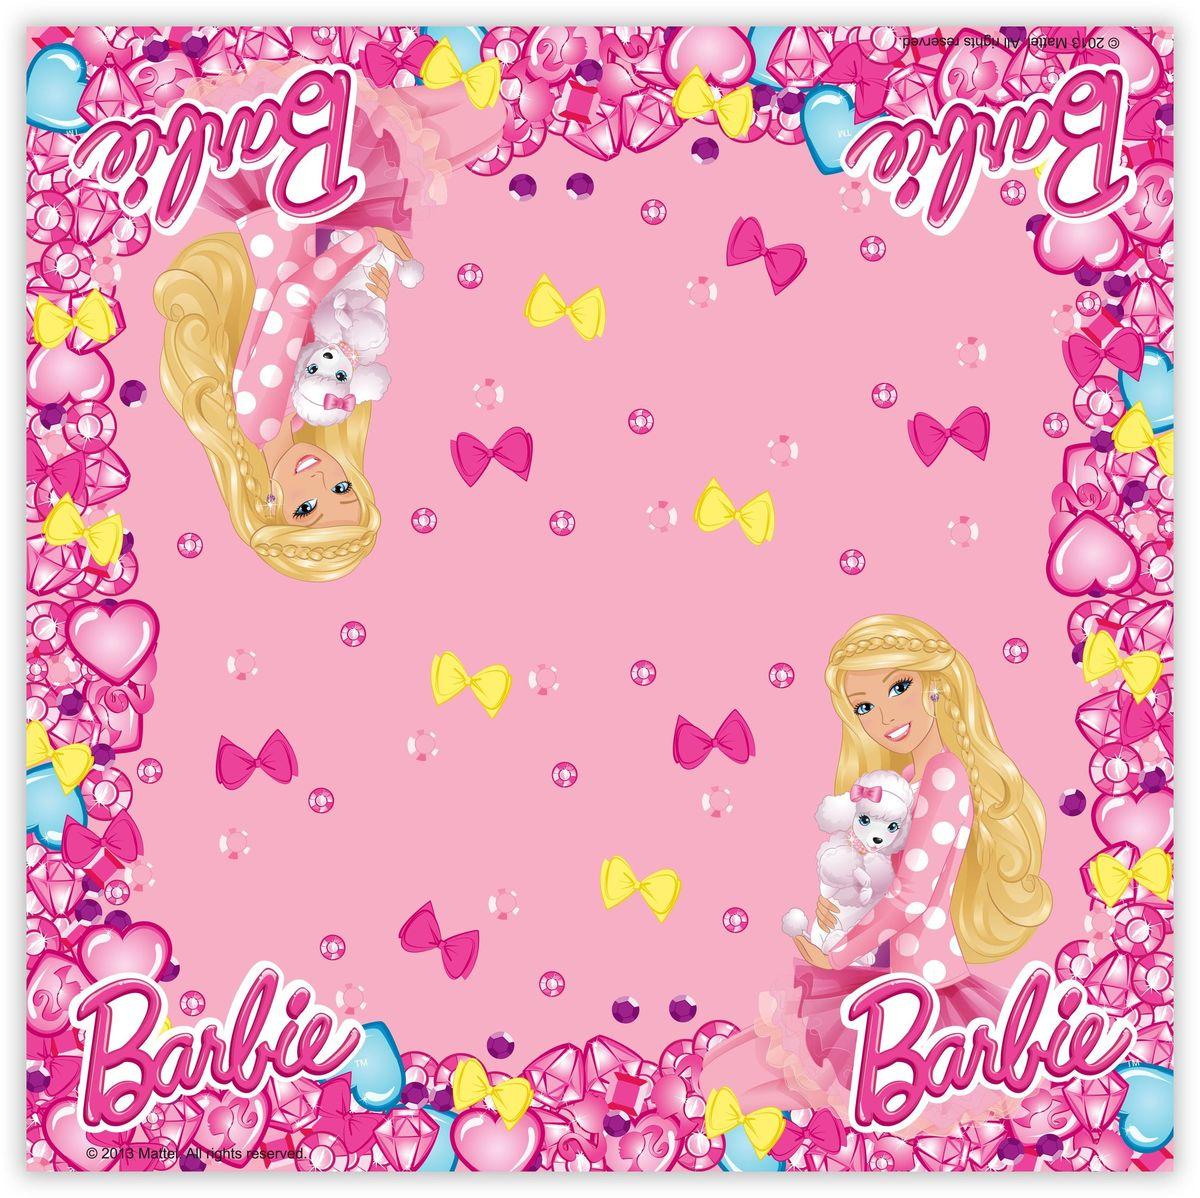 Barbie Салфетки Барби 20 шт30308Все ребятишки обожают праздники, ведь это время долгожданных подарков и разнообразных лакомств. И, конечно, помимо вкусного угощения родителям надо позаботиться и о красивой сервировке стола, чтобы передать атмосферу праздника и подарить деткам возможность встретить торжество вместе с любимой героиней. Например, с очаровательной Барби, которая изображена на салфетках, помогающих украсить стол и приносящих практическую пользу. В наборе Барби 20 бумажных двухслойных салфеток, декорированных ярким, привлекательным принтом. Размер: 33х33 см.